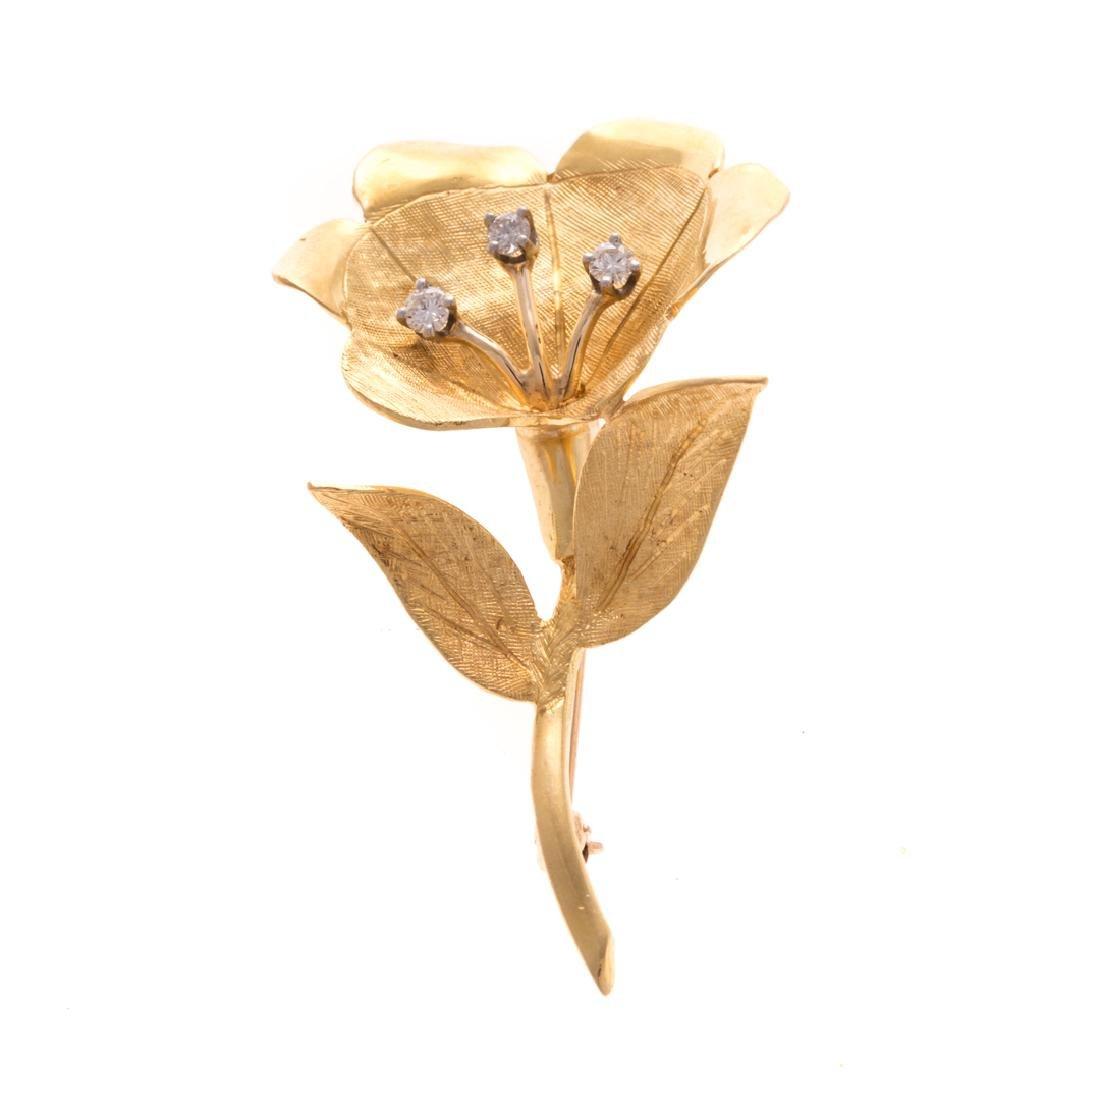 A Lady's Flower Brooch in 18K Gold